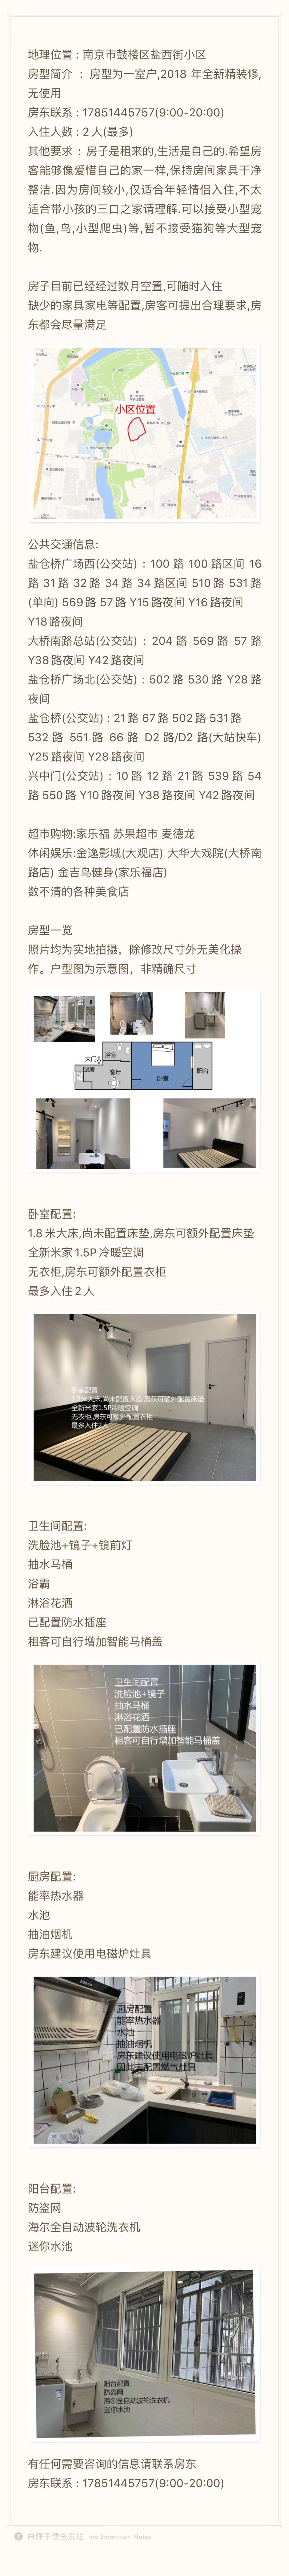 WeChat Image_20190318134842.jpg